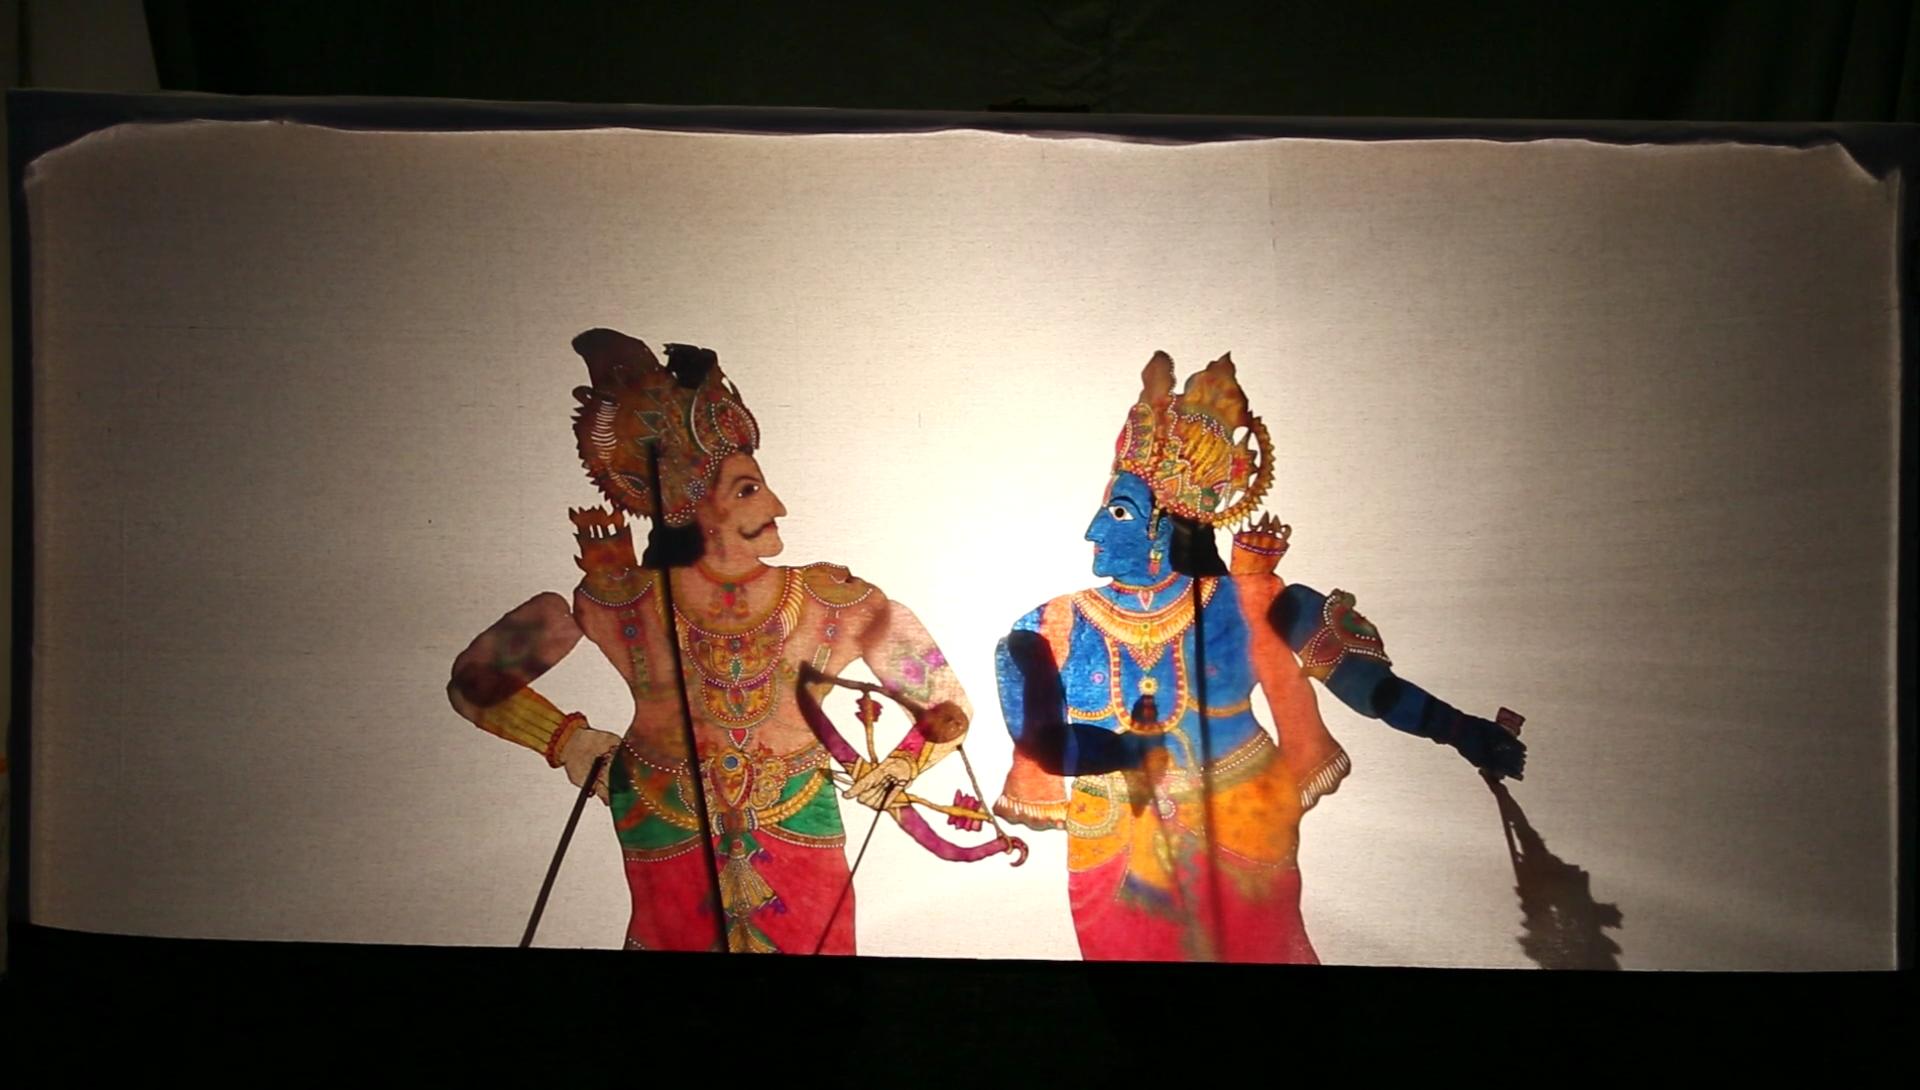 Une s<em>c</em>ène du Mahâbhârata ave<em>c</em> Krishna et Arjuna <em>c</em>réée par Gunduraju (Hassan, Karnataka, Inde), un maître de théâtre d'ombres, <em>togalu gombeyata</em>. Photo réproduite avec l'aimable autorisation de Atul Sinha